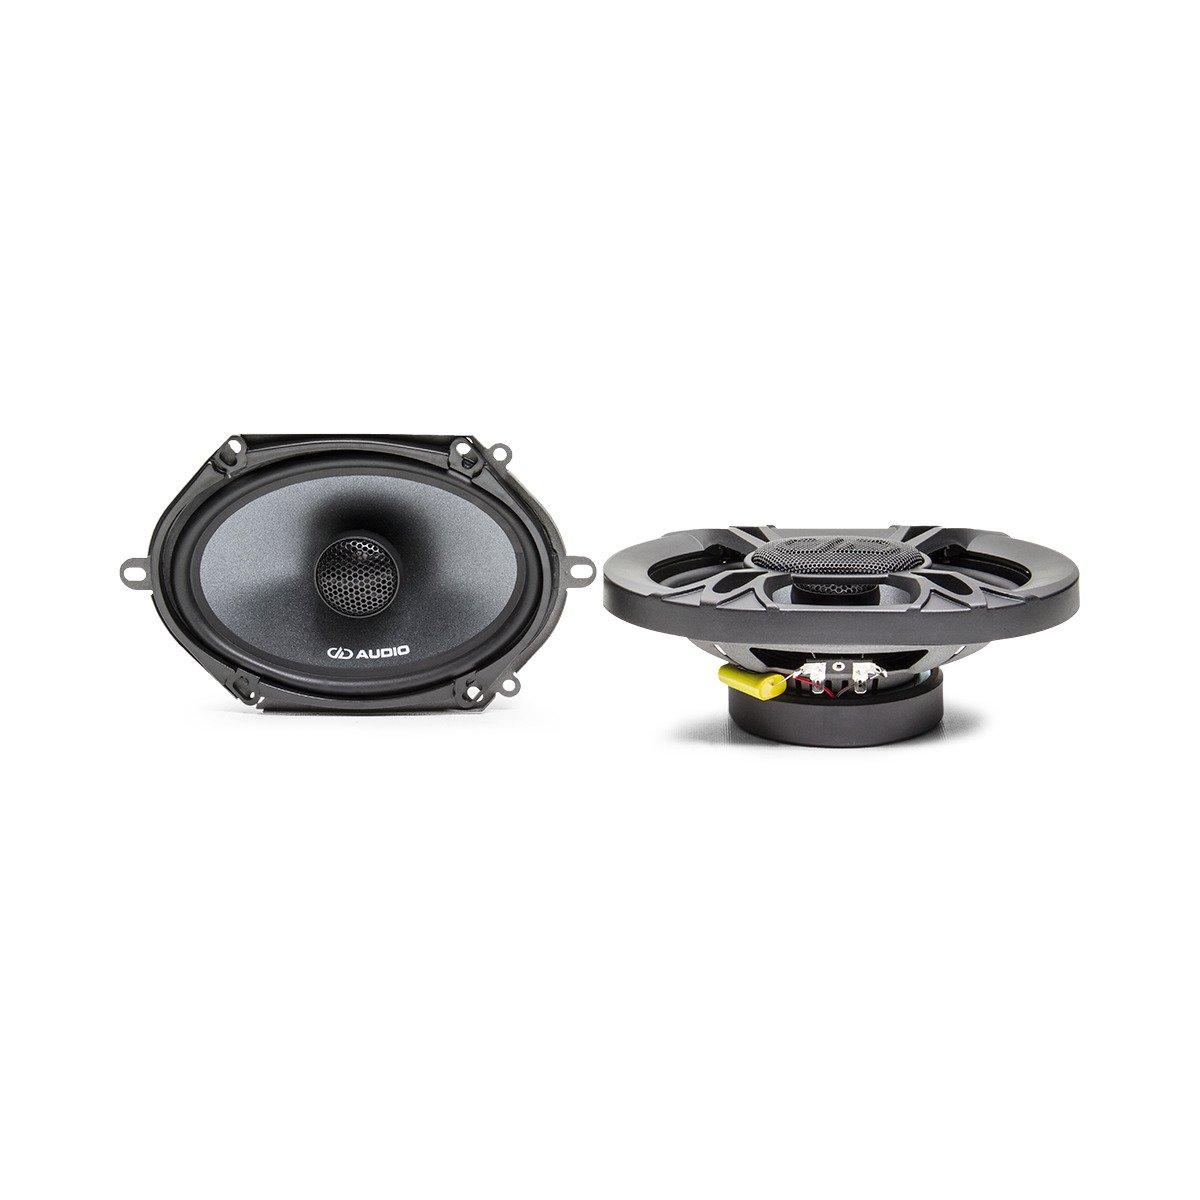 """DD Audio DX5X7 5x7"""" 150W (75W RMS) 2 Way Coaxial Car Speakers (pair)"""